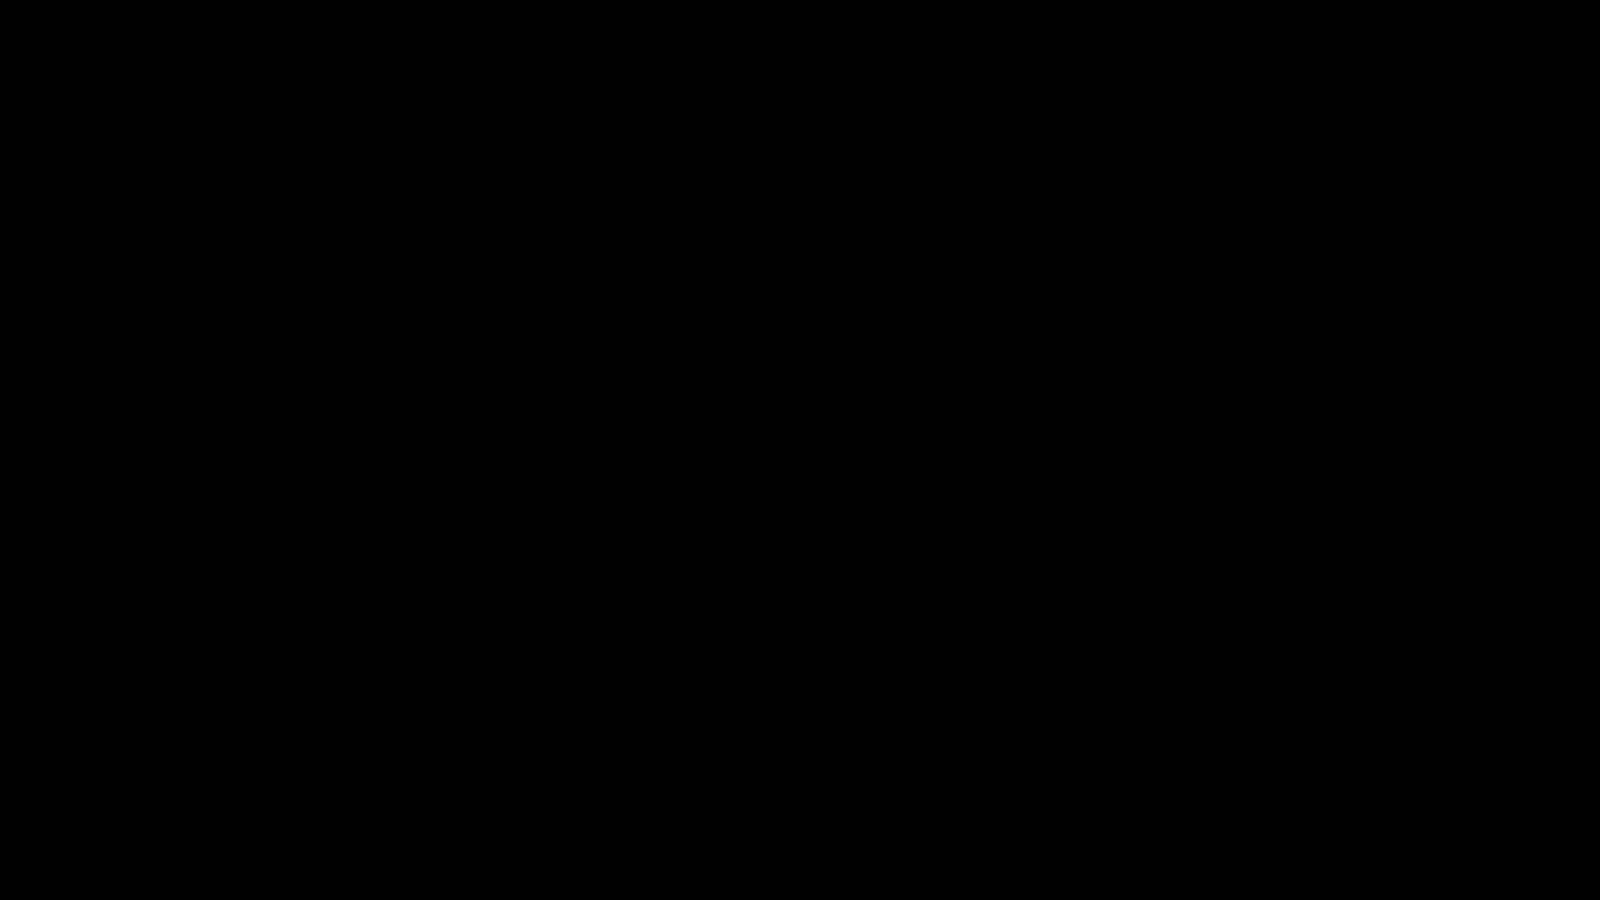 Schlepperabsturz